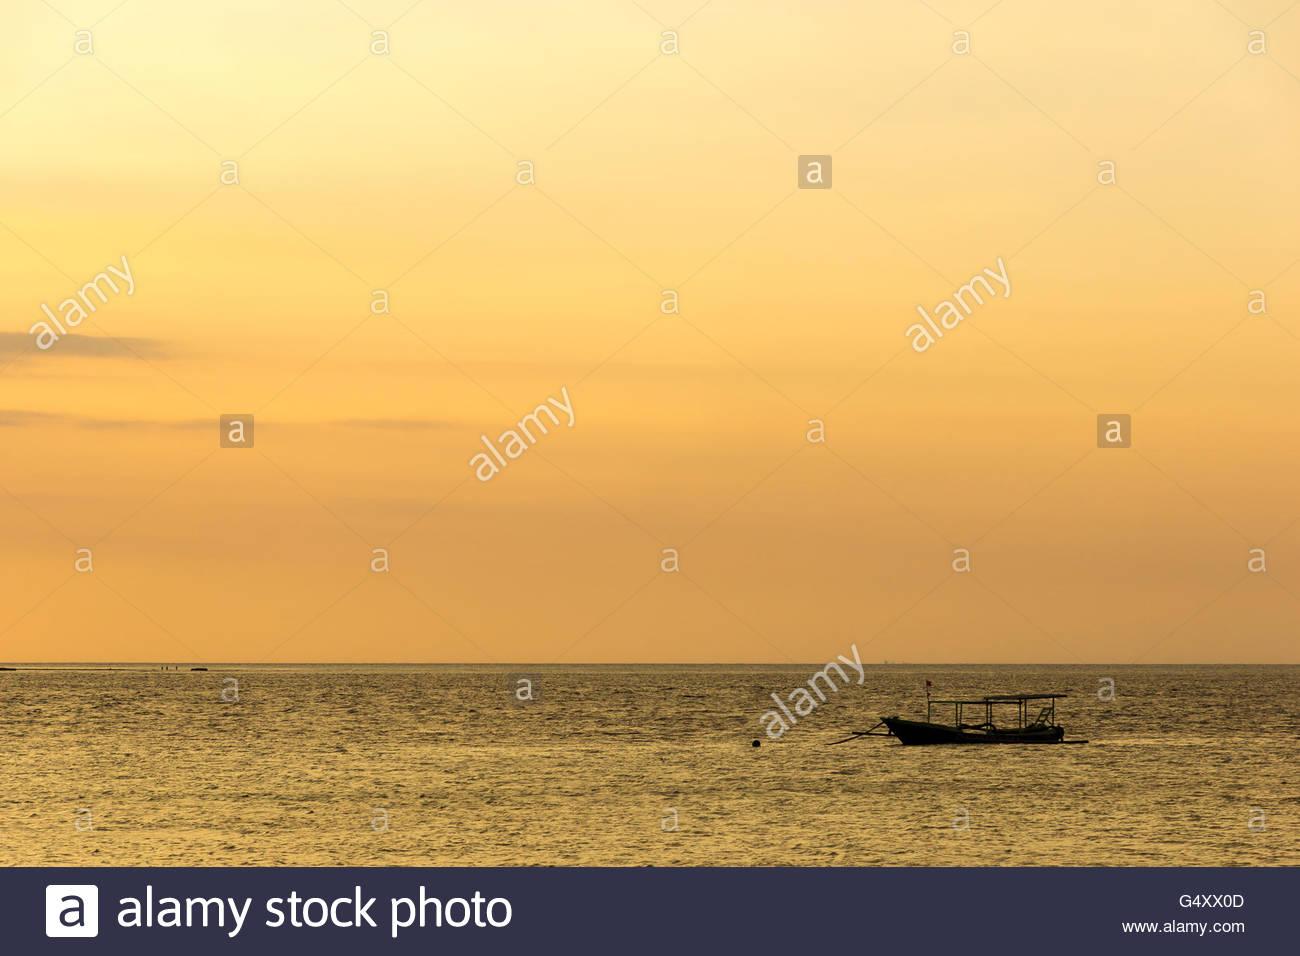 Kabupaten Lombok Stockfotos Bilder Alamy Indonesien Nusa Tenggara Barat Utara